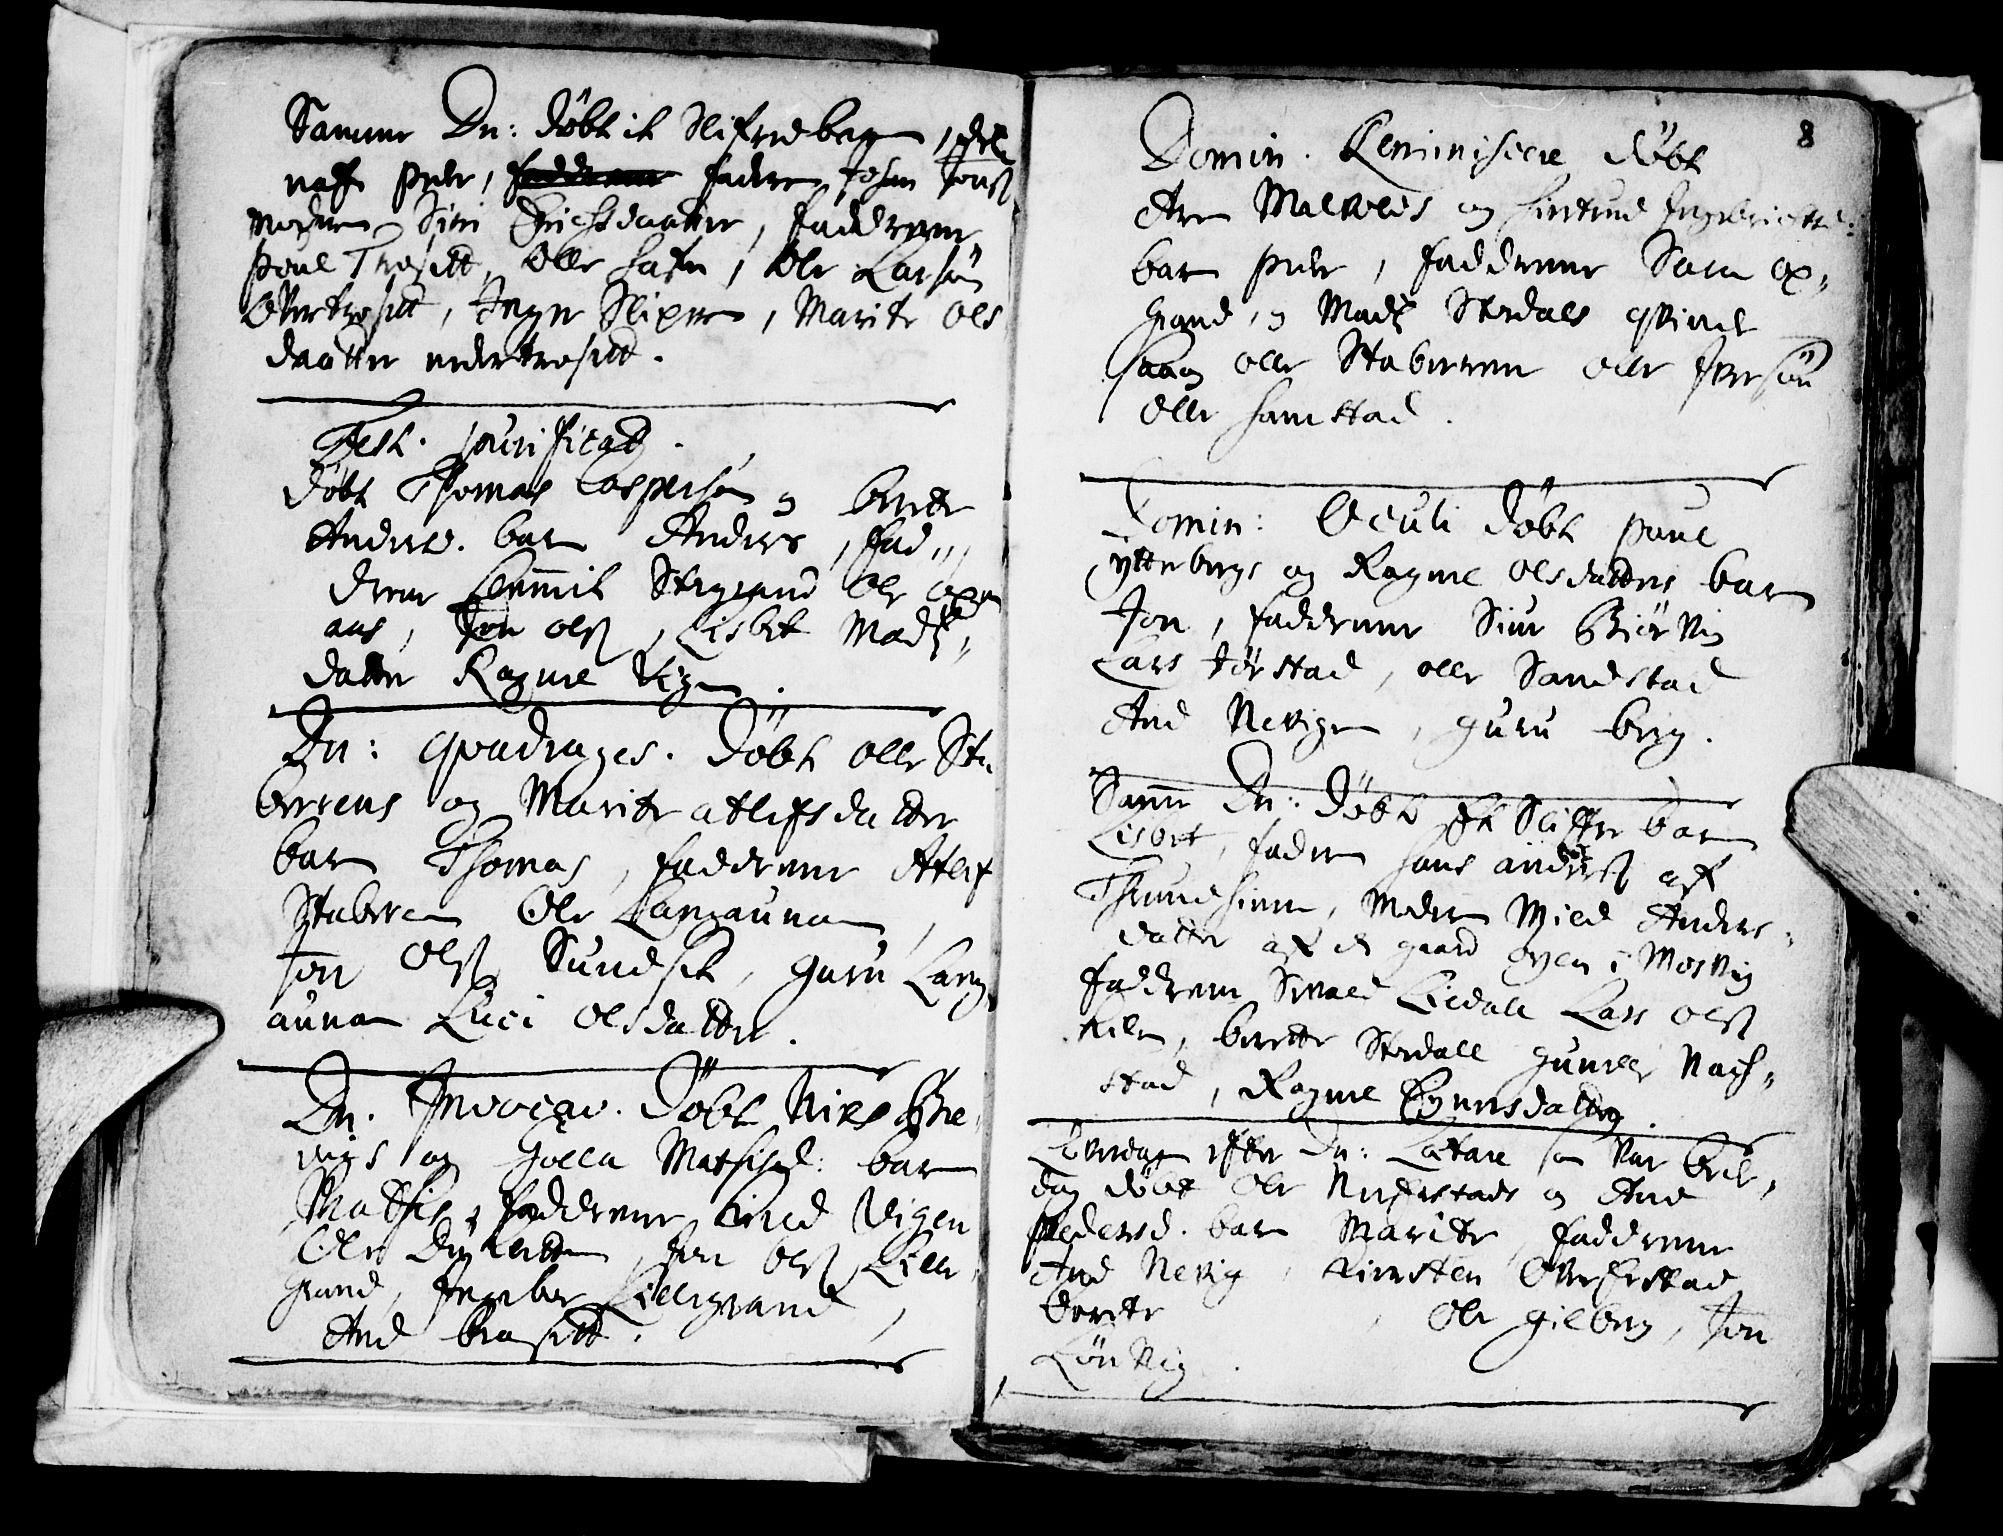 SAT, Ministerialprotokoller, klokkerbøker og fødselsregistre - Nord-Trøndelag, 722/L0214: Ministerialbok nr. 722A01, 1692-1718, s. 8